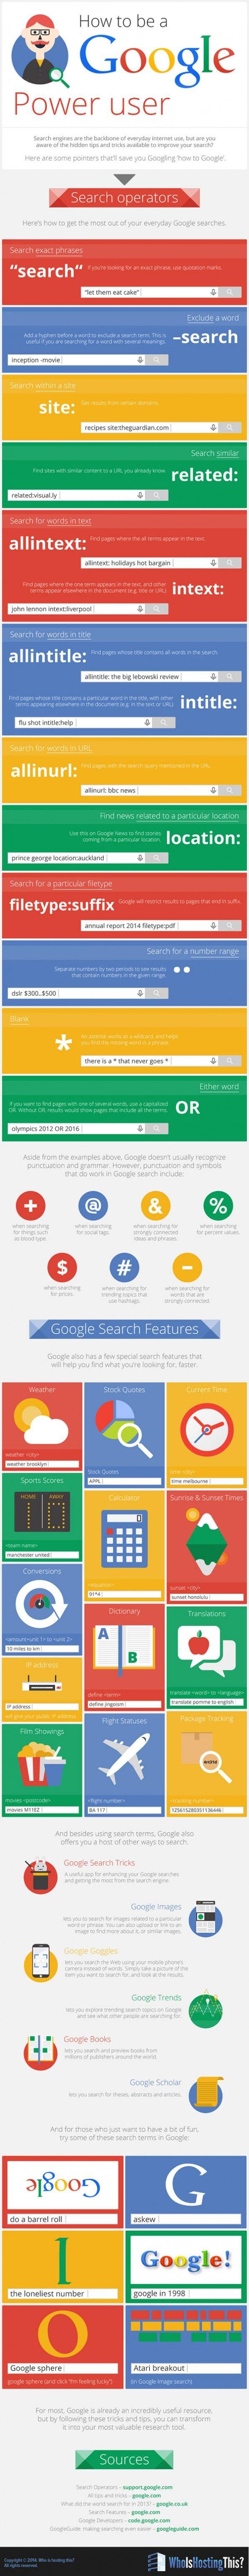 Tips & trucs voor effectiever zoeken in Google [infographic] - Frankwatching